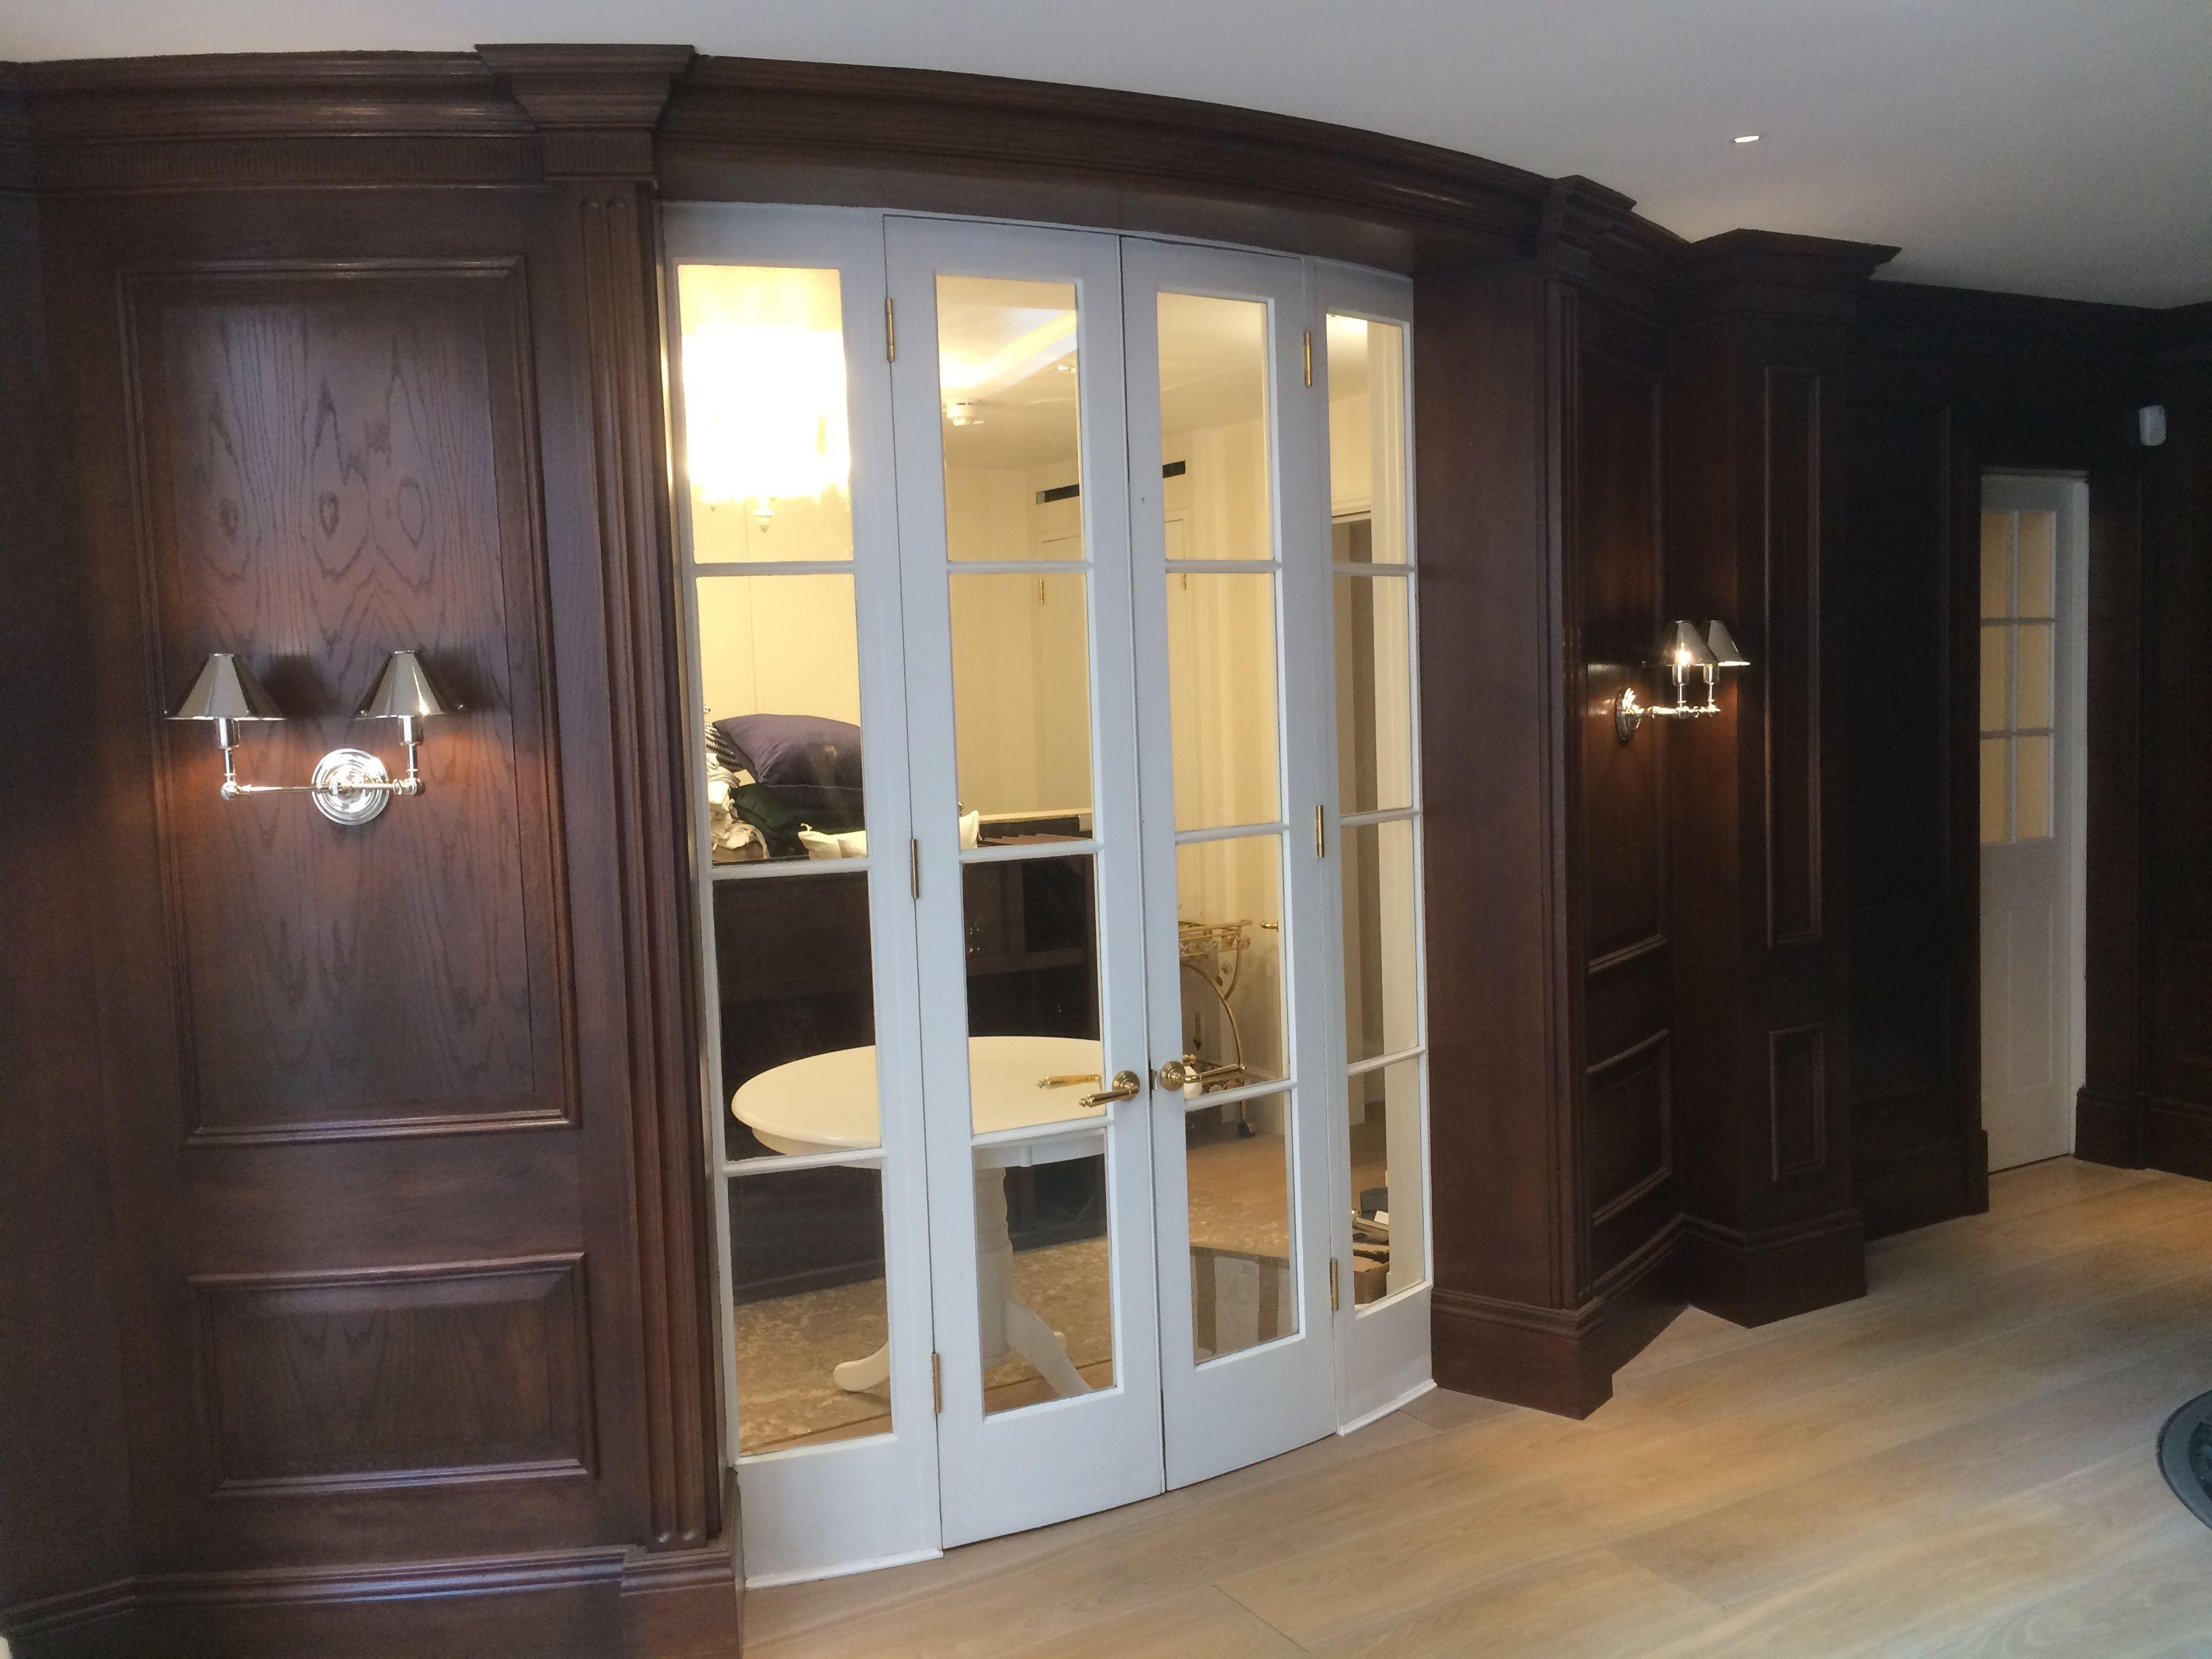 Oak Wall Panelling Decorative Wood Panelling Wall Panelling Experts Wall Paneling Curved Walls Paneling